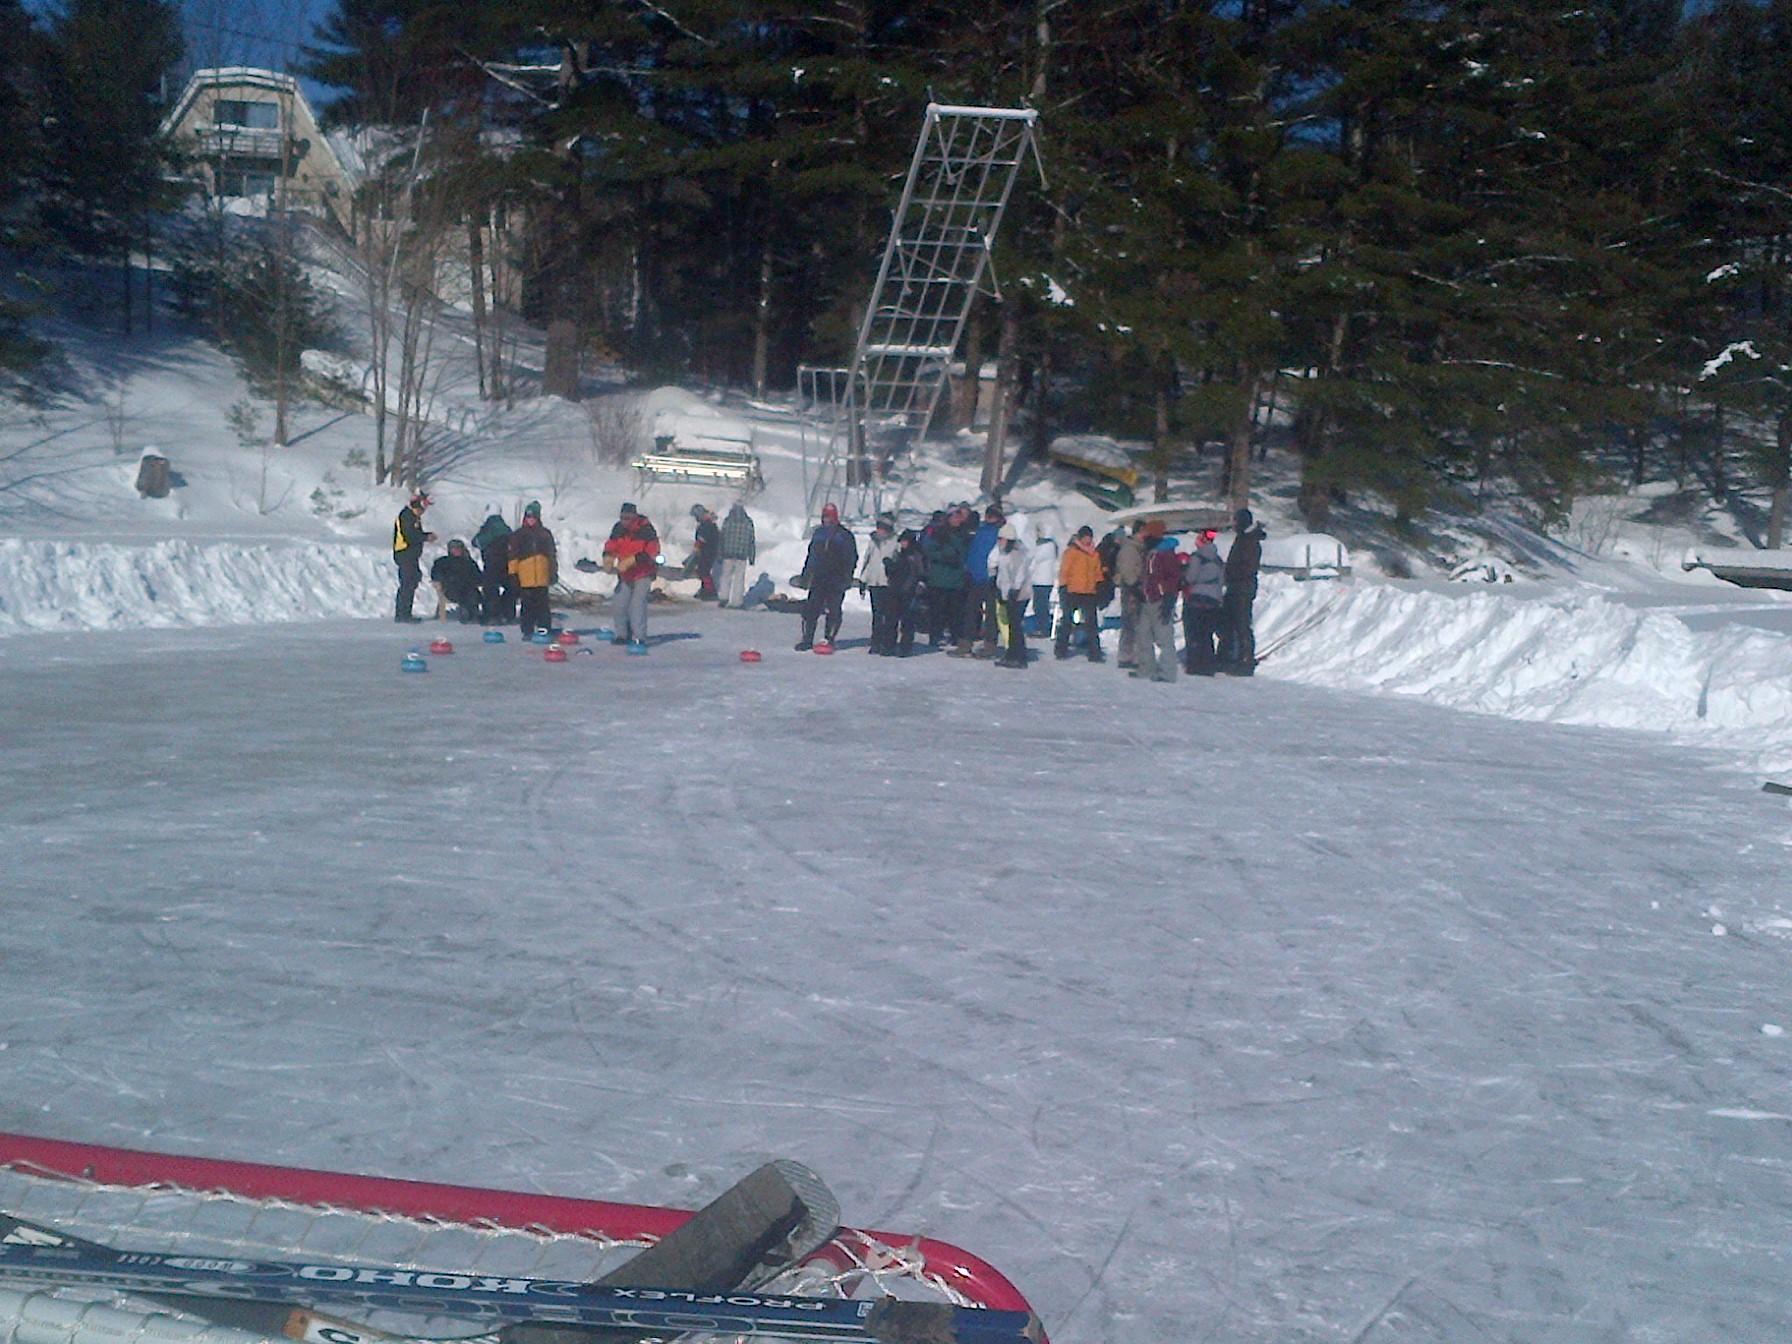 winter bonspiel ice